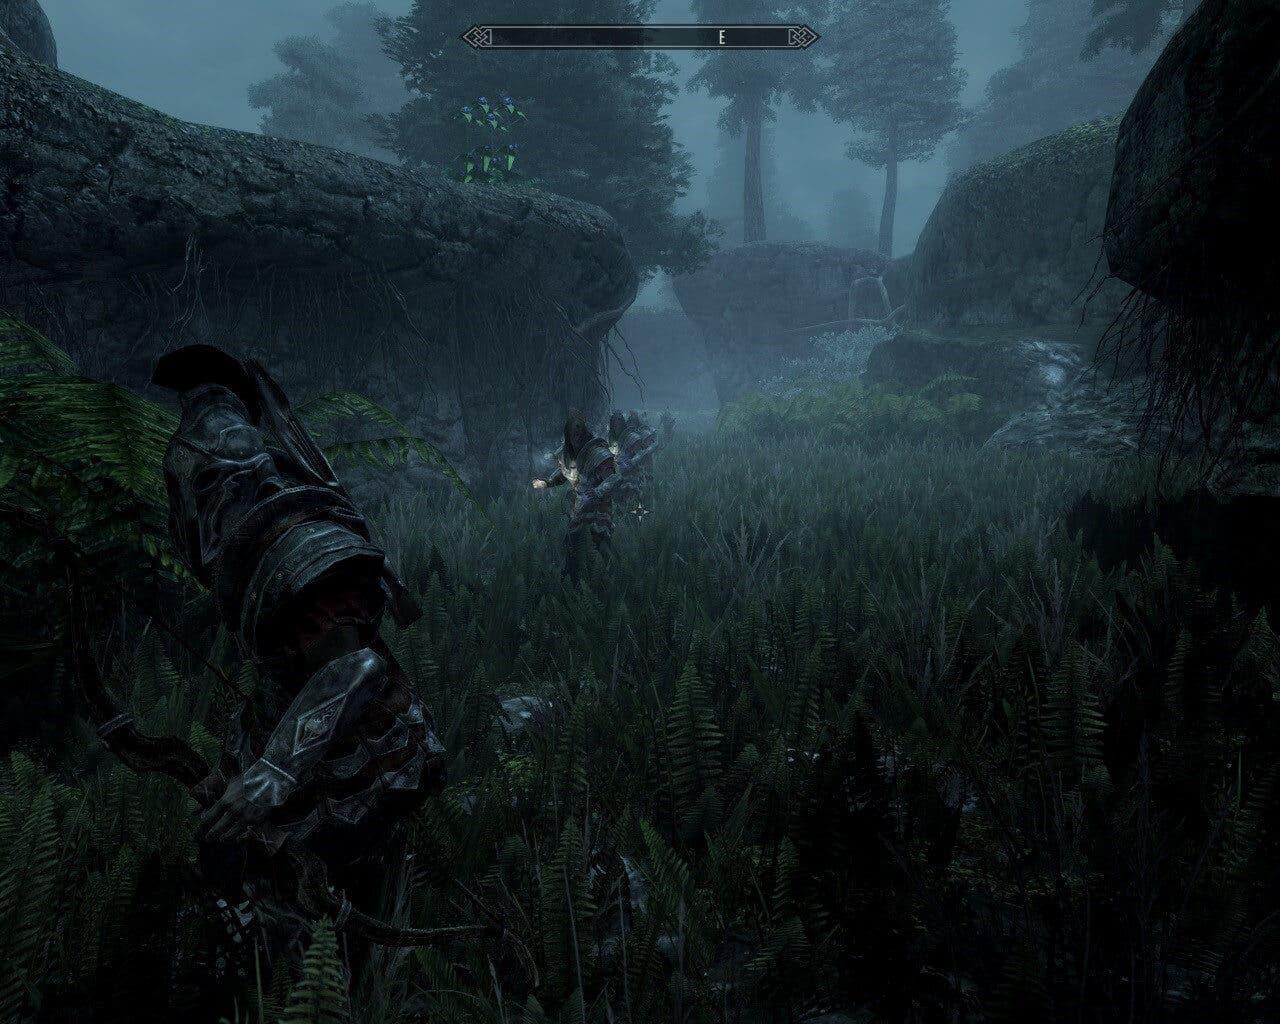 Un nuevo mod de Skyrim SE permite explorar el Bosque de Valen junto a una nueva misión 2